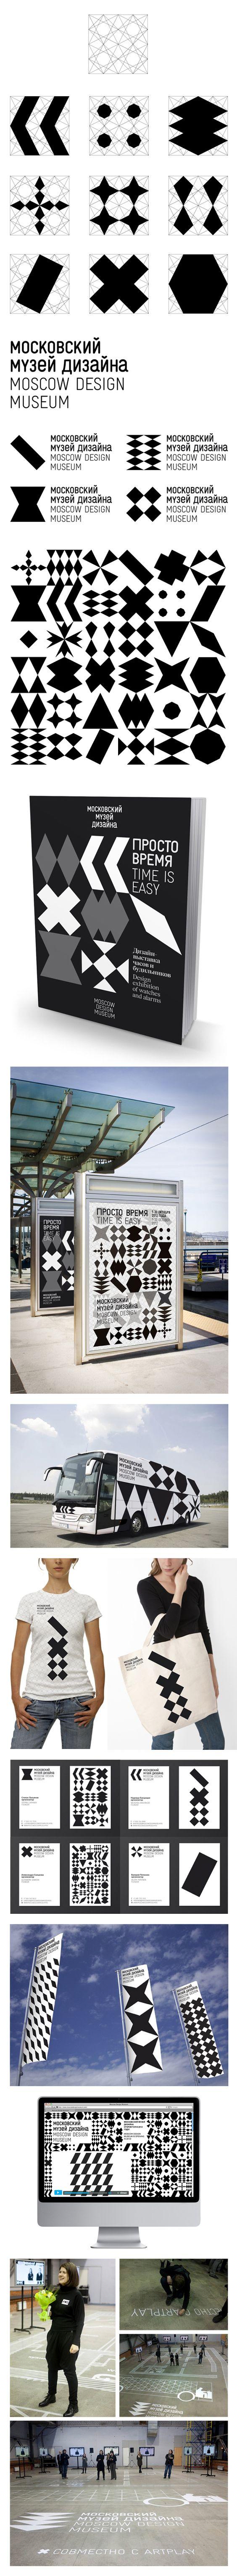 Y que no me canso de la marca del museo de diseño de Moscú. #branding #design